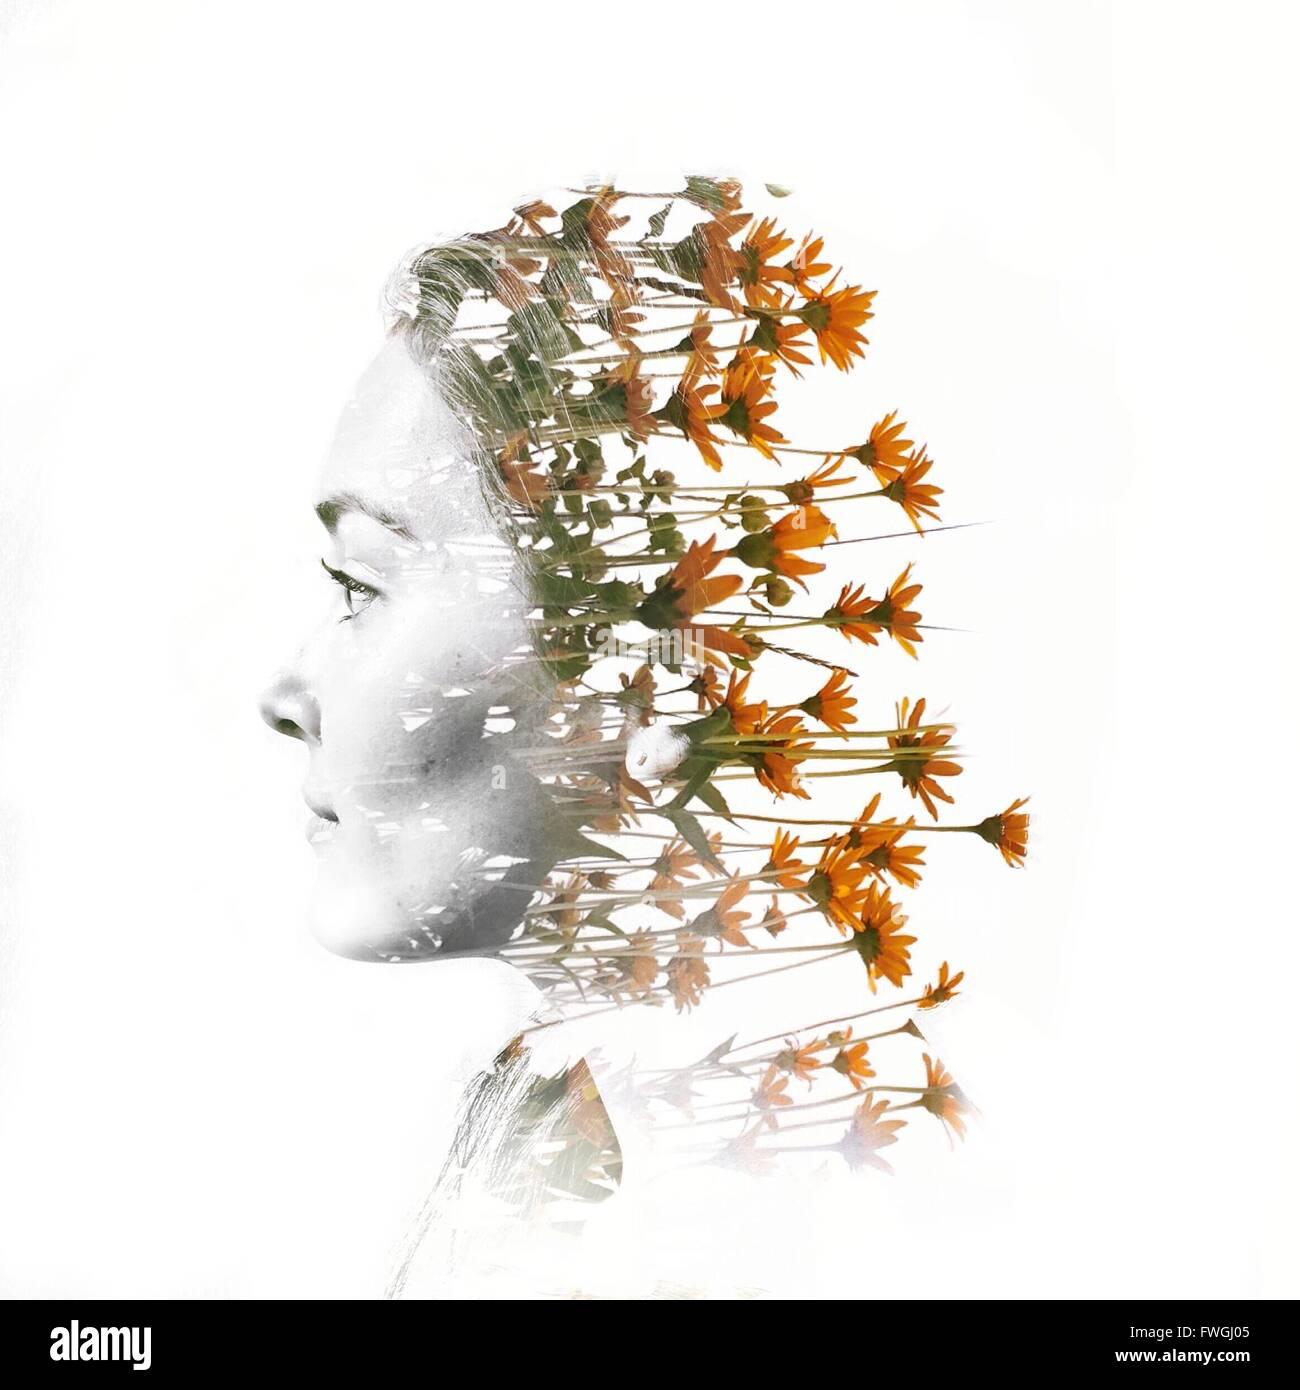 Compuesta Digital de cabeza de mujer con flores. Imagen De Stock